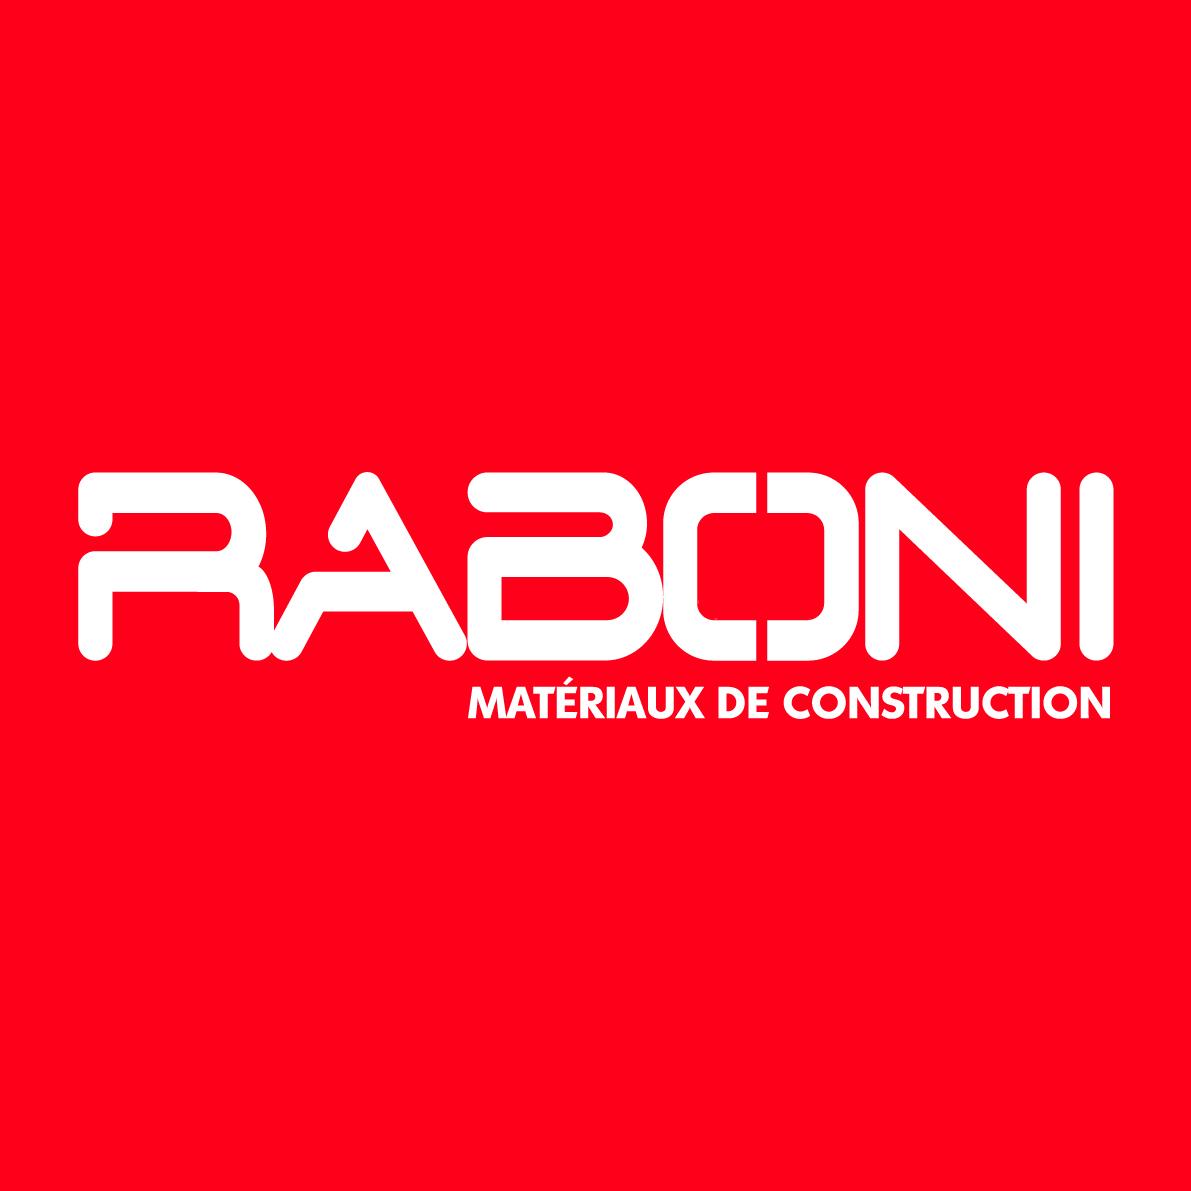 <p>Votre agence RABONI vous accueille et vous accompagne dans vos projets de chauffage. Nos experts sont &agrave; votre dispositions pour tout conseils et informations. Rendez-vous dans nos agences.</p>